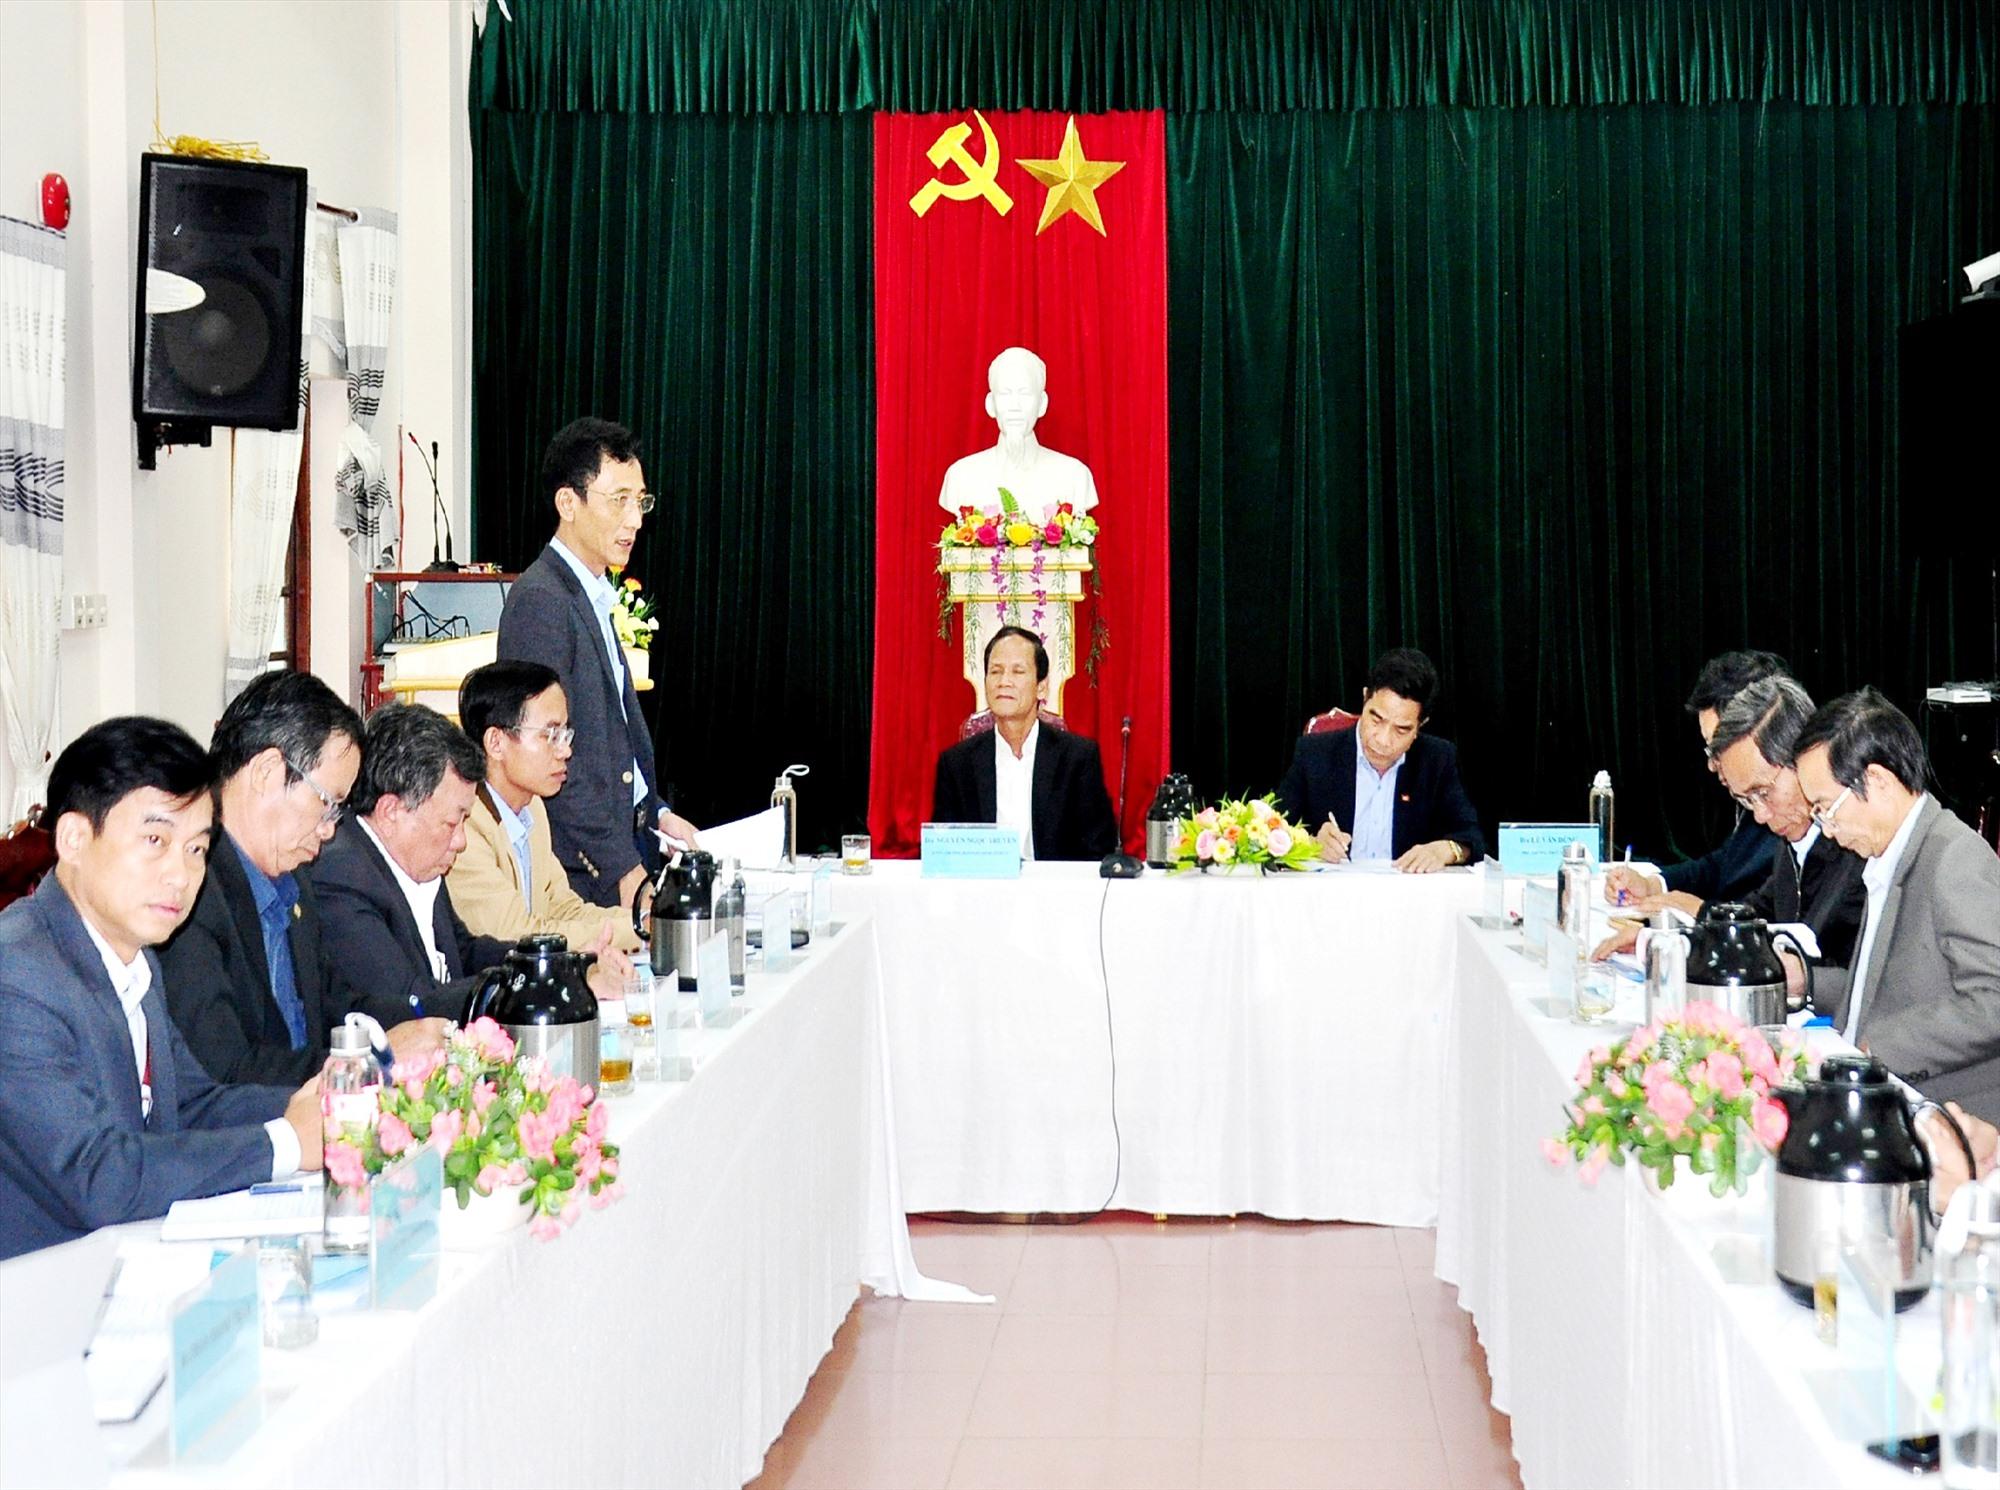 Đoàn công tác của Tỉnh ủy làm việc với Ban Thường vụ Huyện ủy Phú Ninh về công tác chuẩn bị Đại hội Đảng các cấp nhiệm kỳ 2020 - 2025. Ảnh: V.A